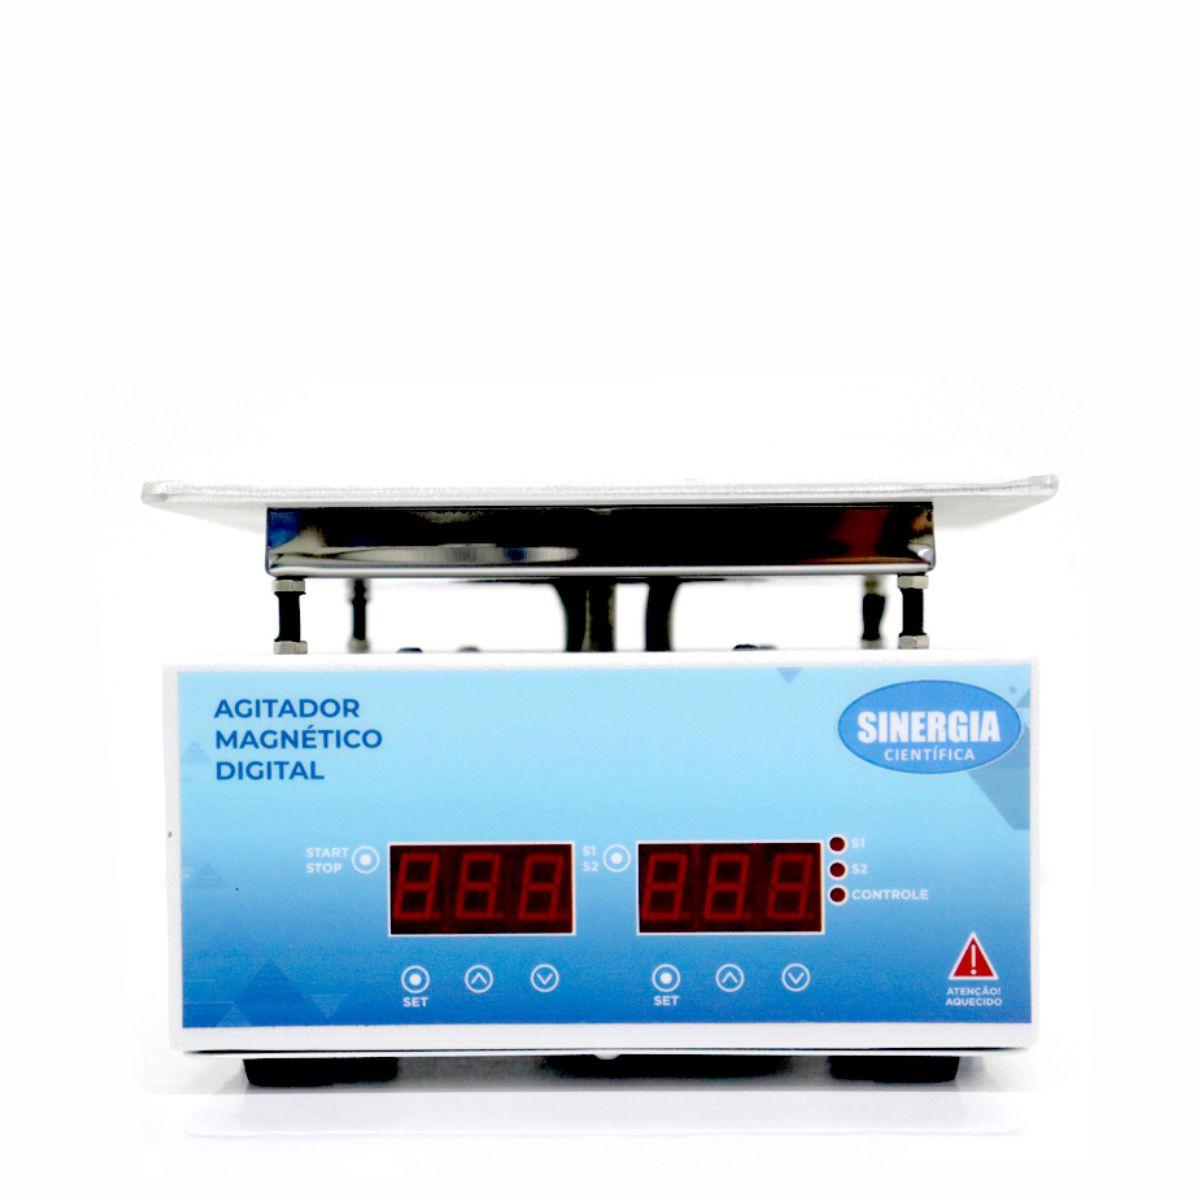 Agitador Magnético Digital com Aquecimento